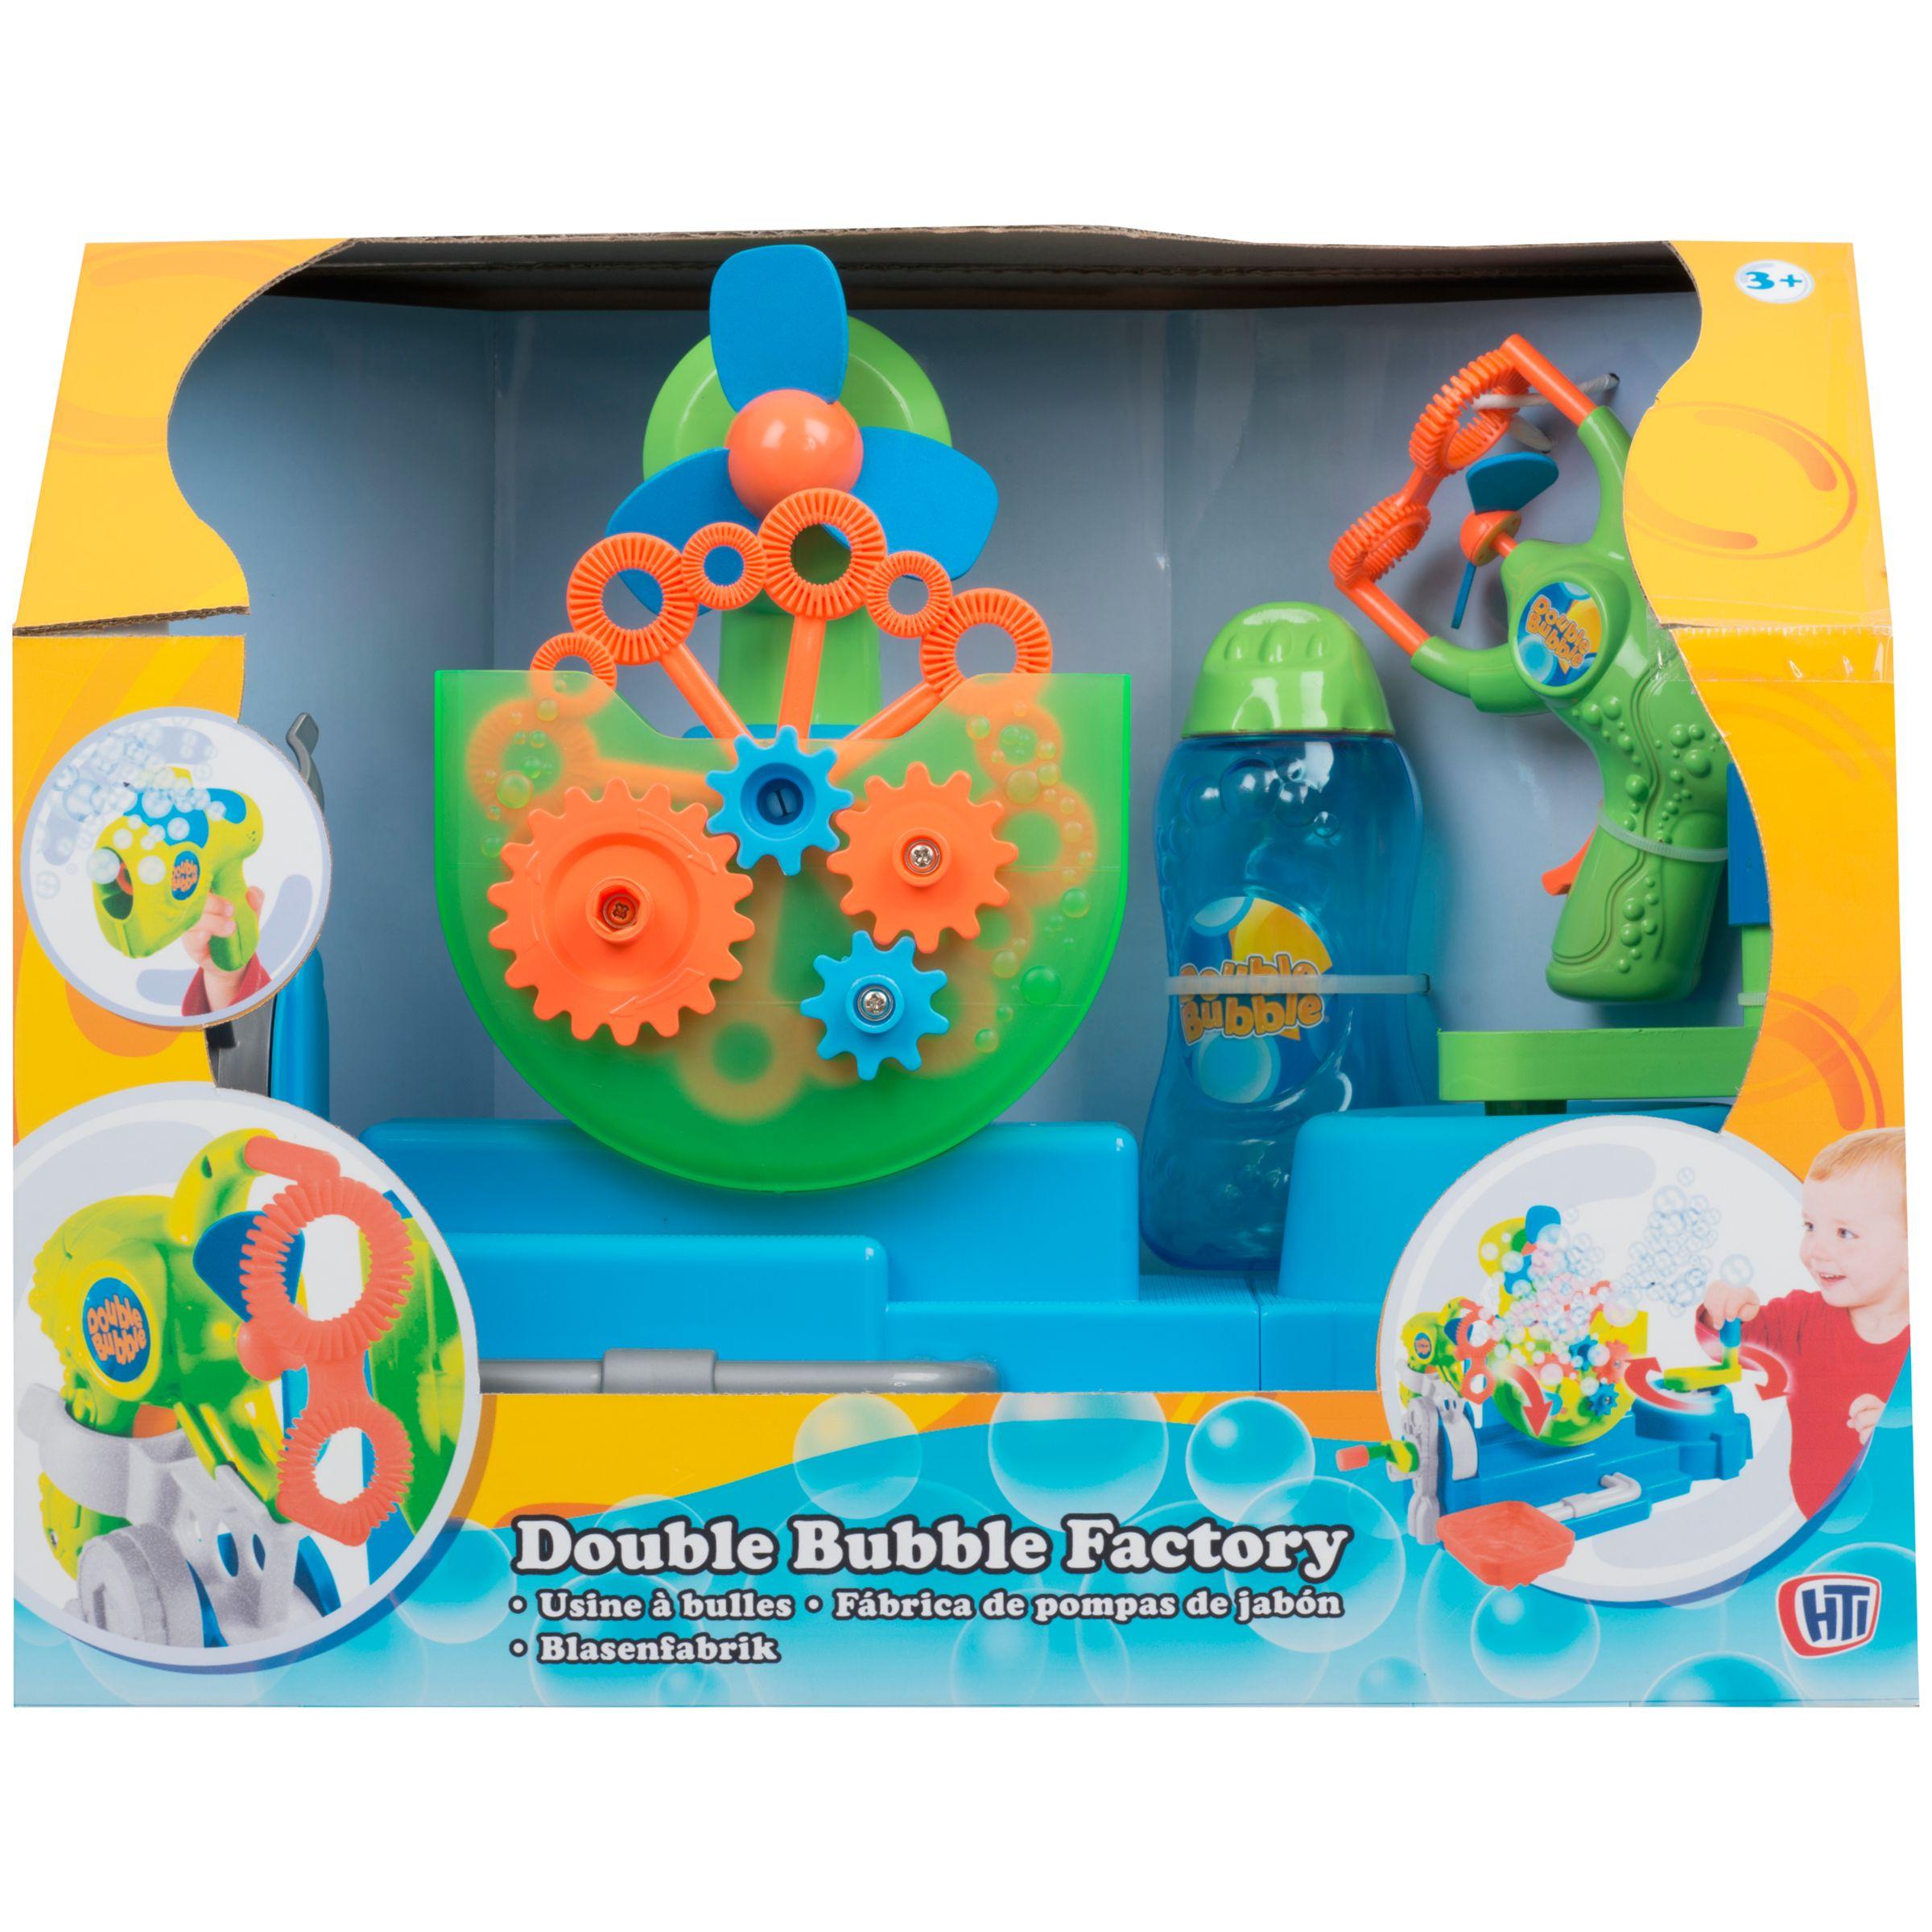 Double Bubble Double Bubble Factory